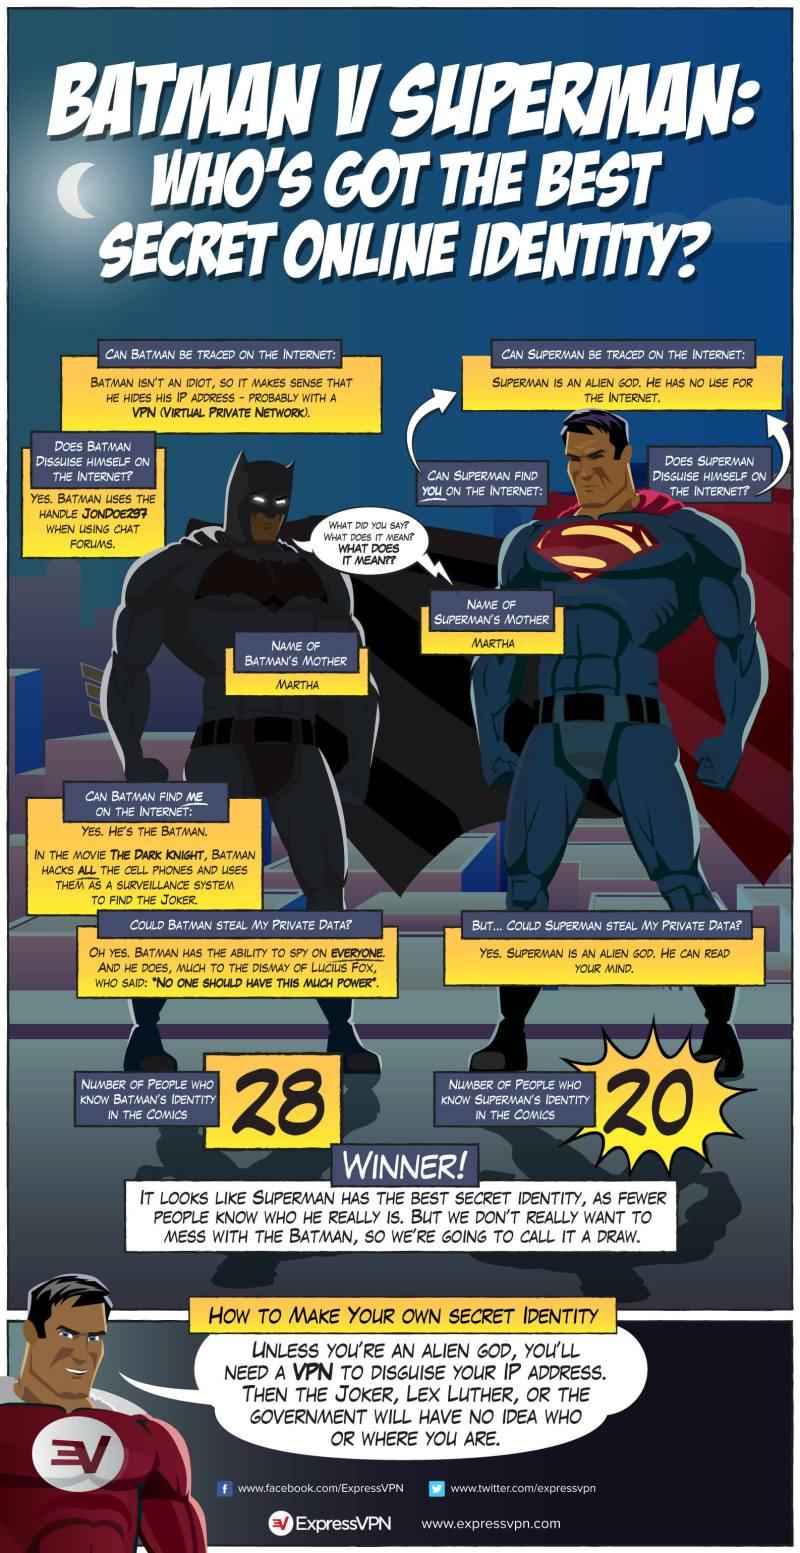 batman e superman non sono niente in confronto a expressvpn per sicurezza